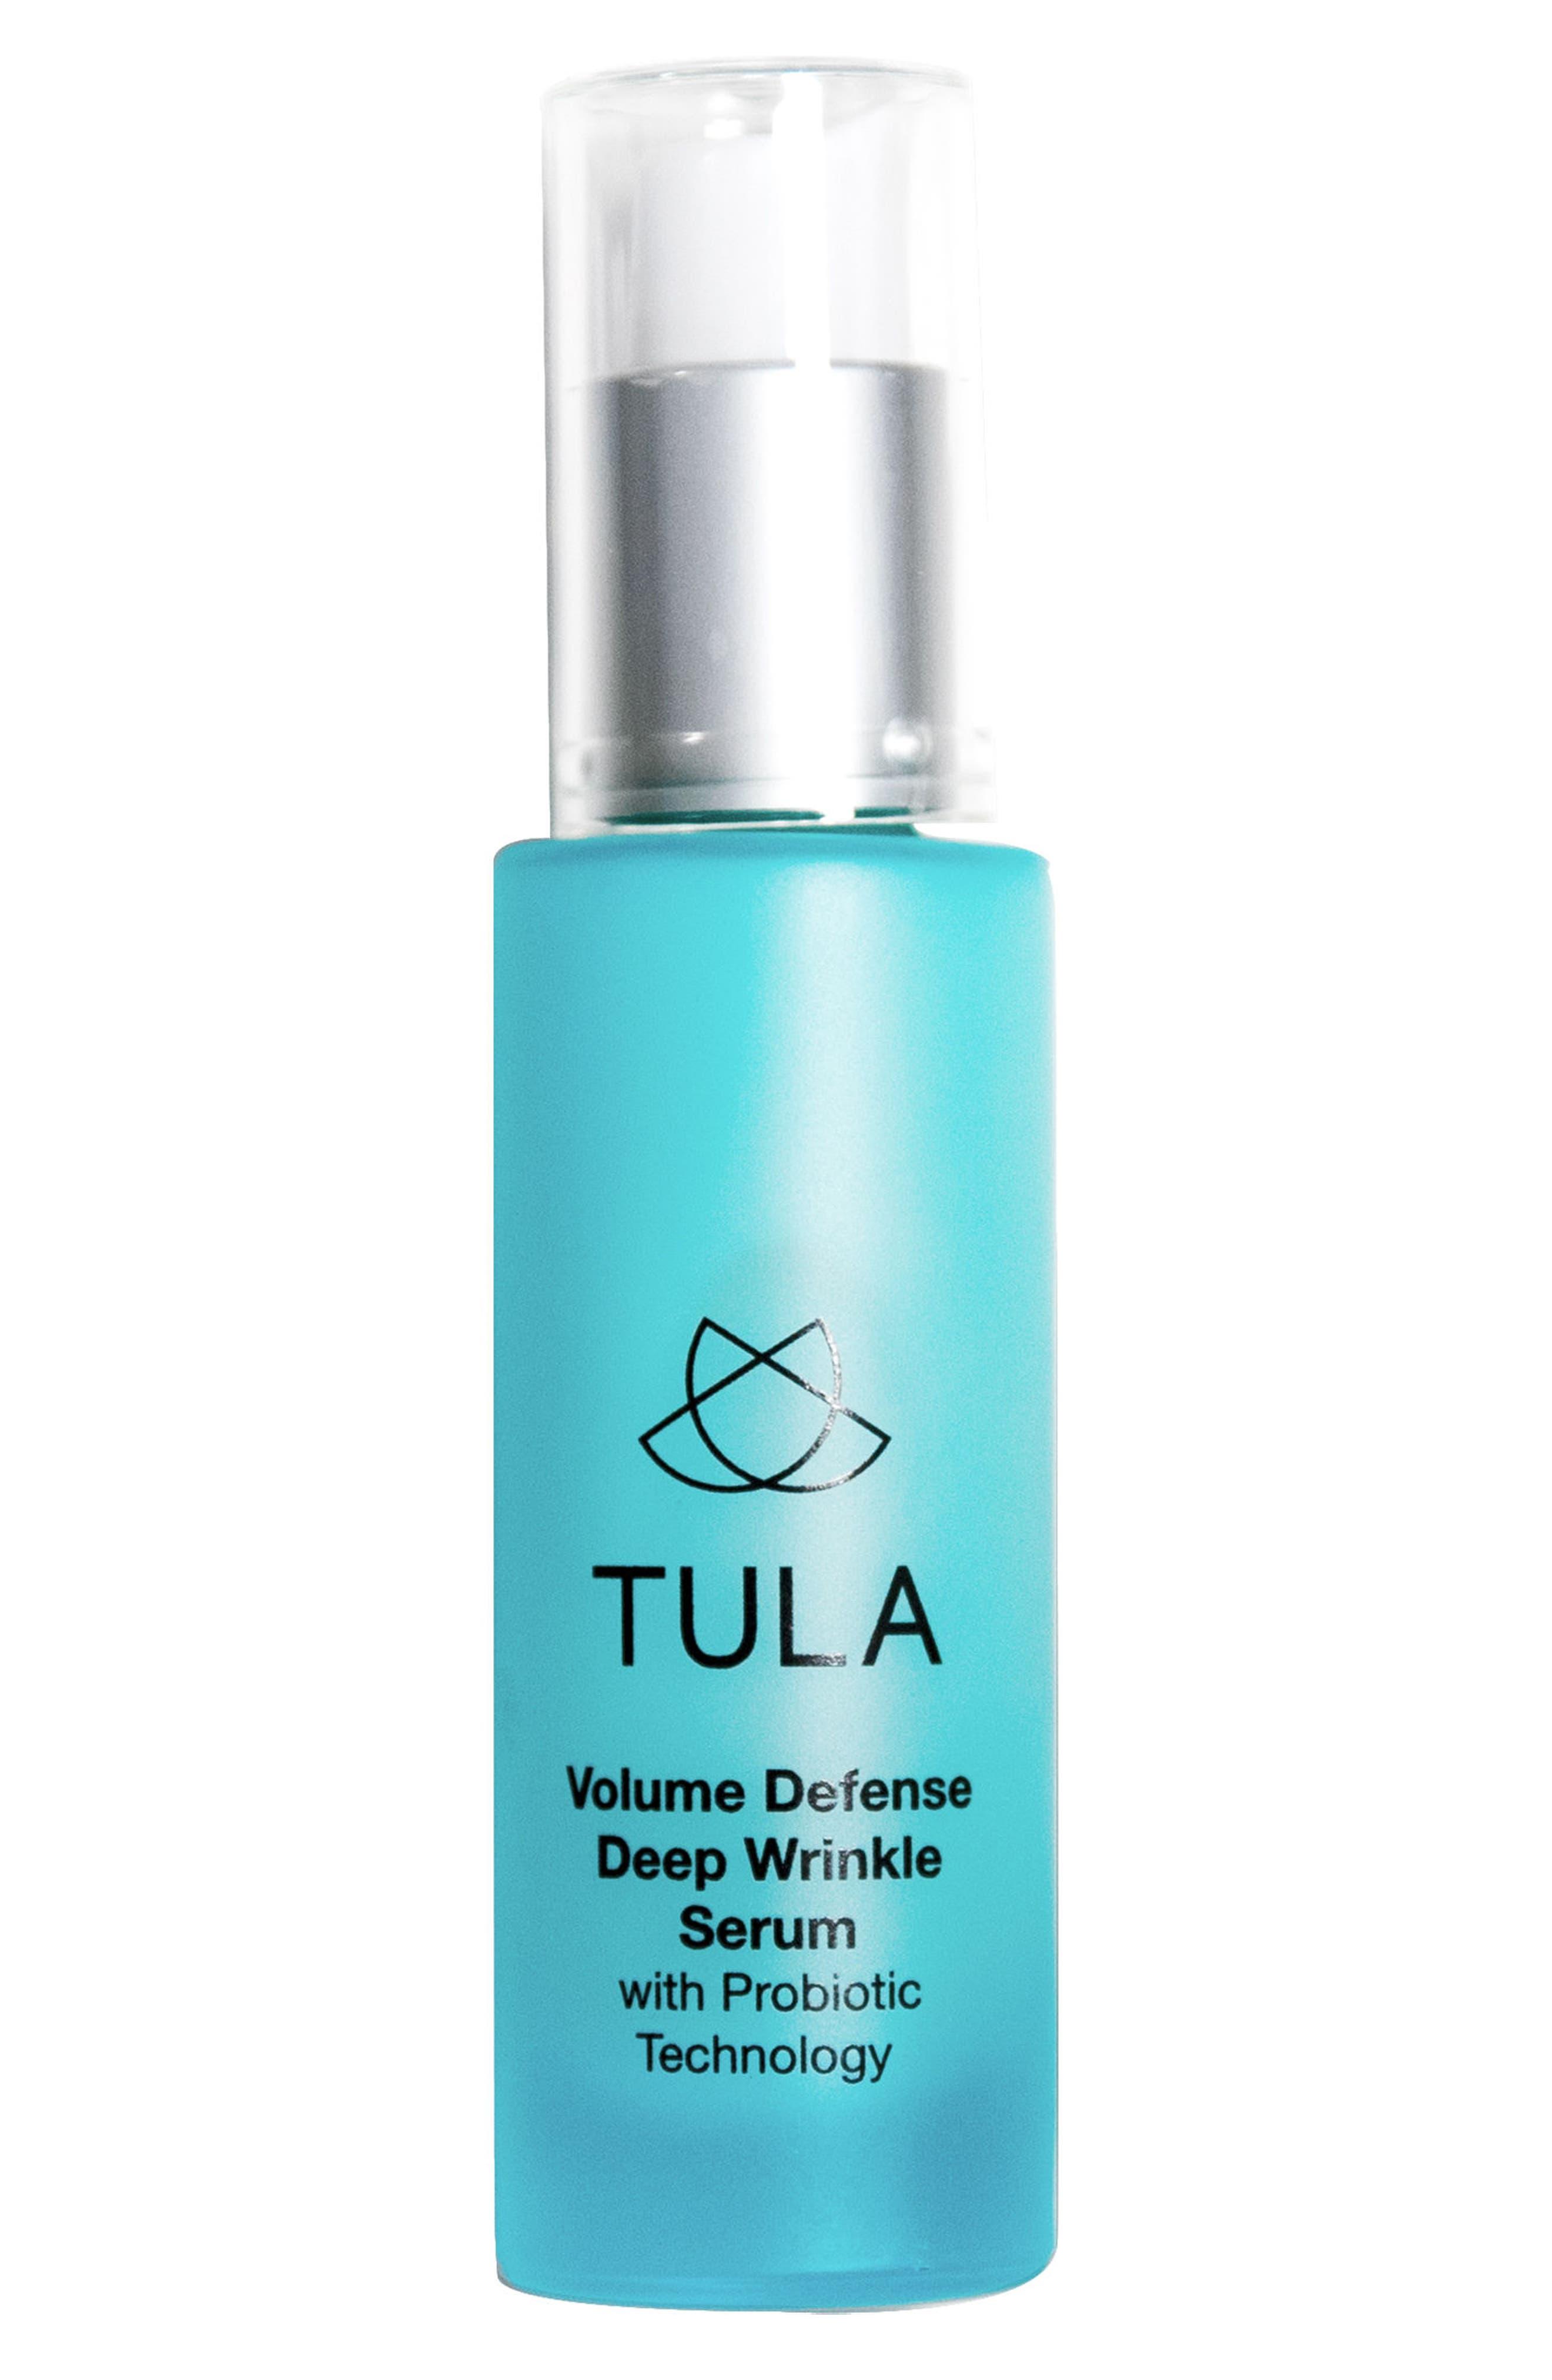 Tula Probiotic Skincare Volume Defense Deep Wrinkle Serum